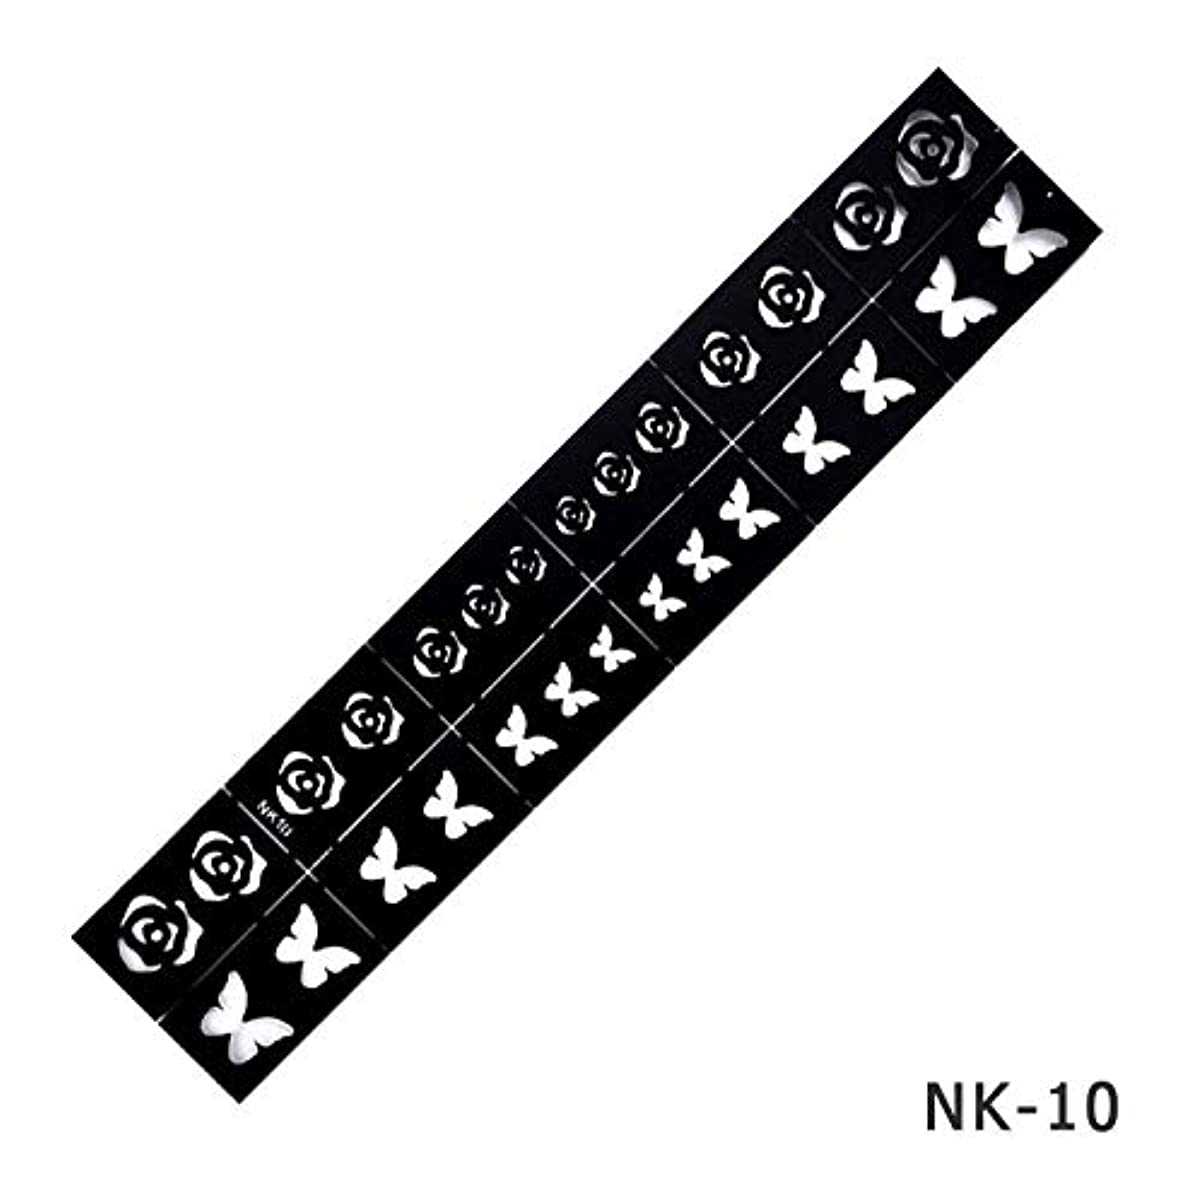 進行中ブルーベルソファーSUKTI&XIAO ネイルステッカー 1シートネイルアートのヒントガイド中空ステッカークリスタルネイルテンプレート3Dステンシルデカールフォームスタイリングツール、Nk10